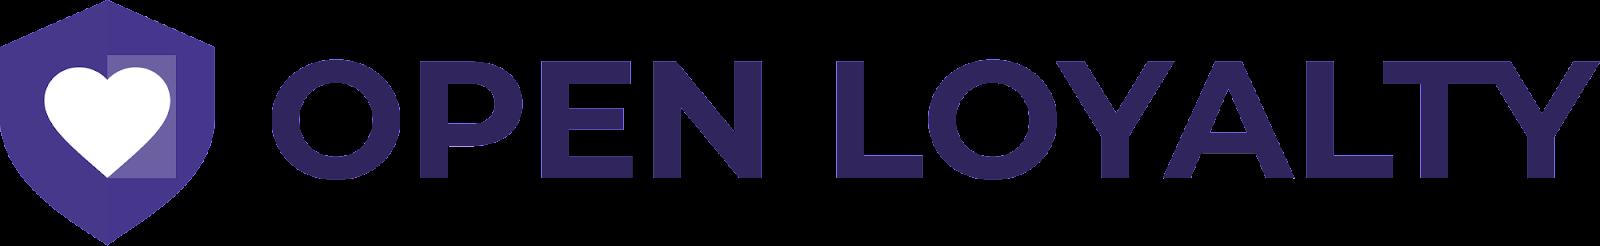 Open Loyalty logo